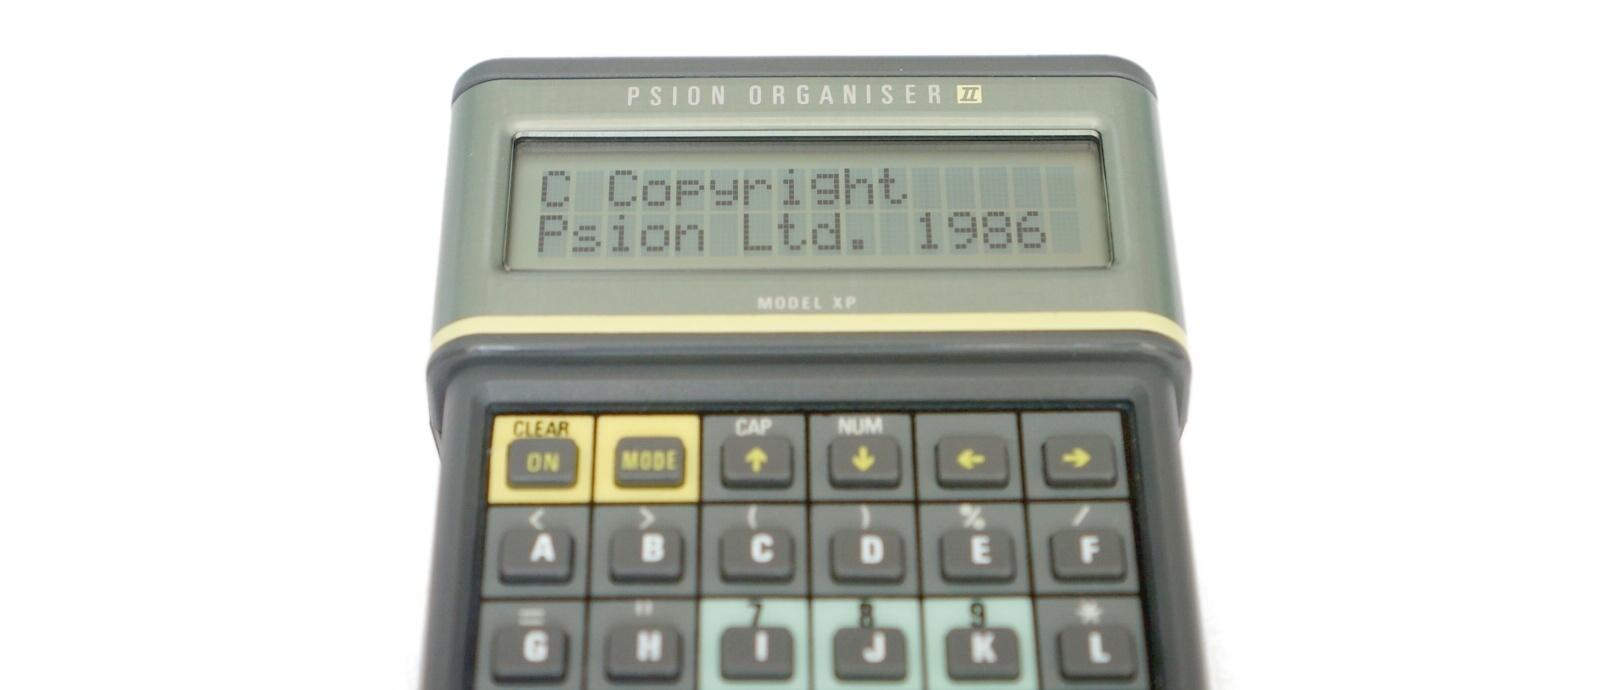 Обзор Psion Organiser II XP с внутренностями и Тетрисом - 1